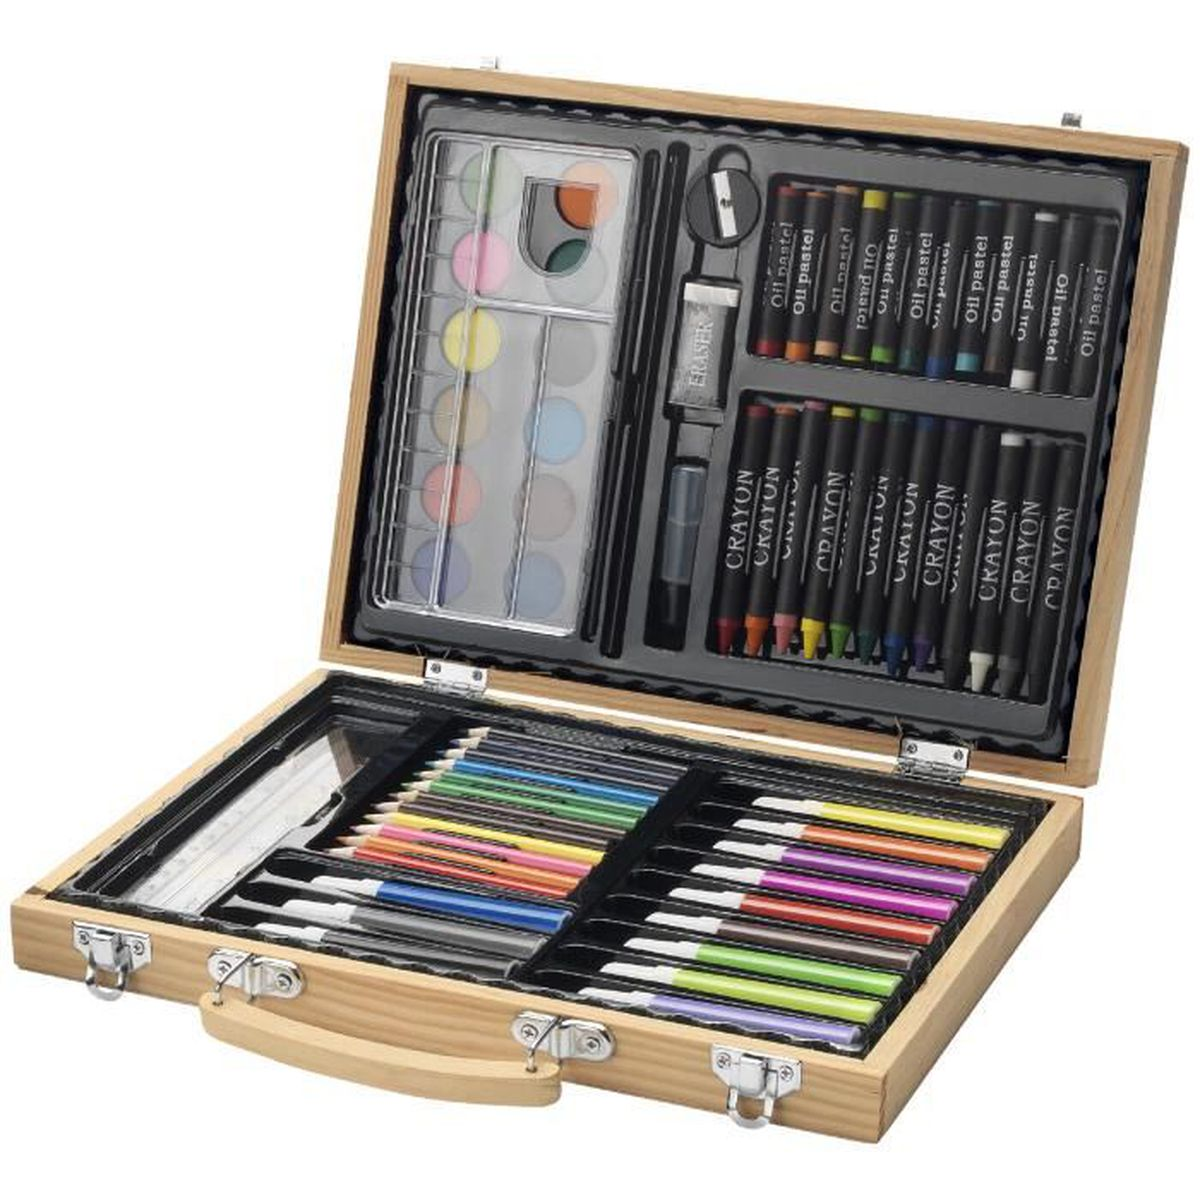 Coffret crayon feutre achat vente coffret crayon - Coffret cuisine pas cher ...